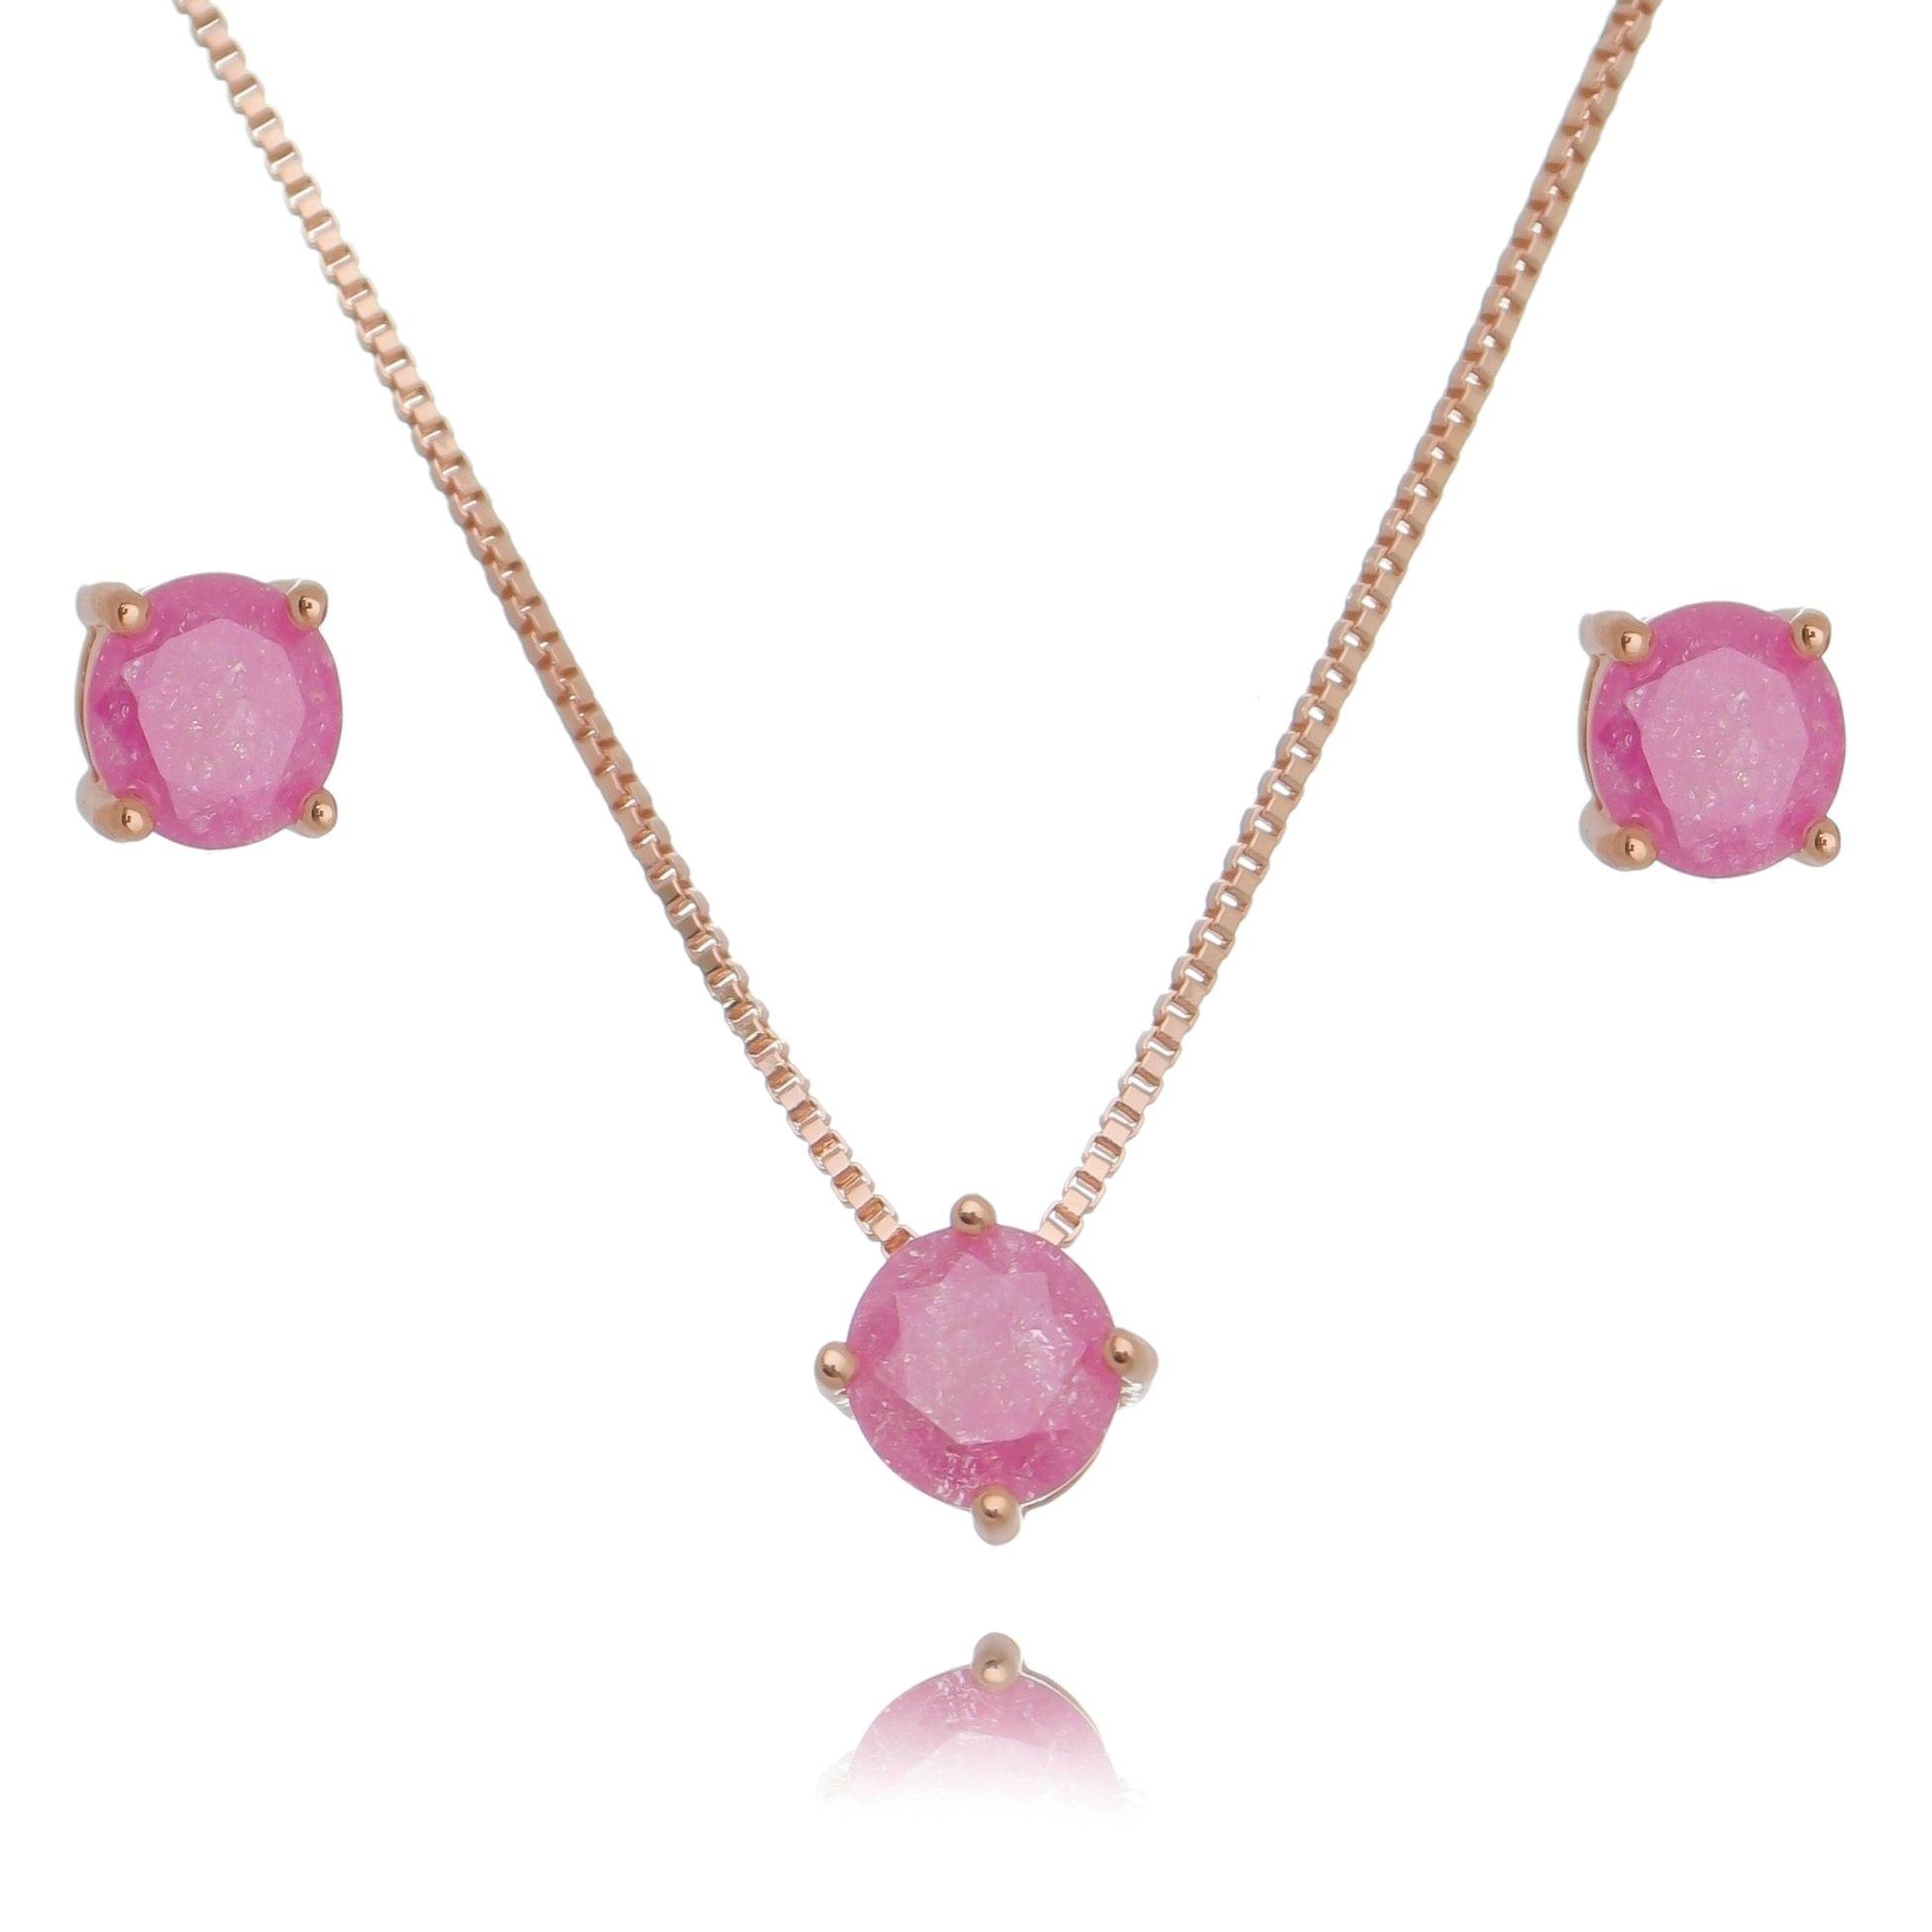 Conjunto Brinco e Colar Ponto de Luz Ouro Rosé Fusion Rosa Semijoia  - Soloyou